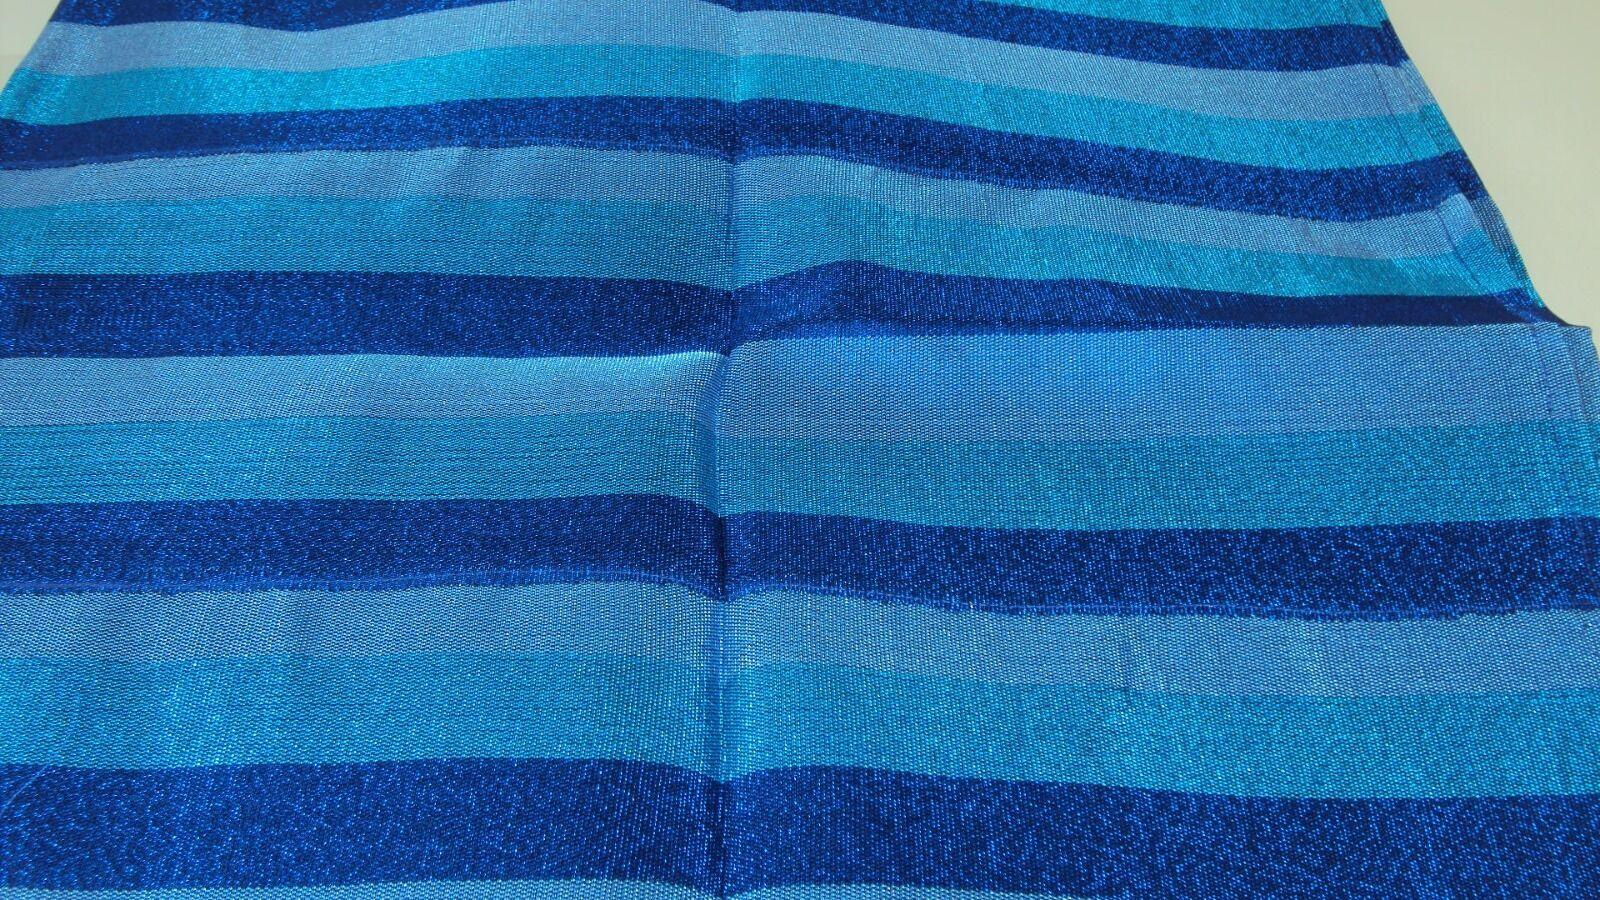 Nigerian Aso Oke Gele (Headtie)-Royal,Turquoise & Silverish Blue Stripes 1Piece